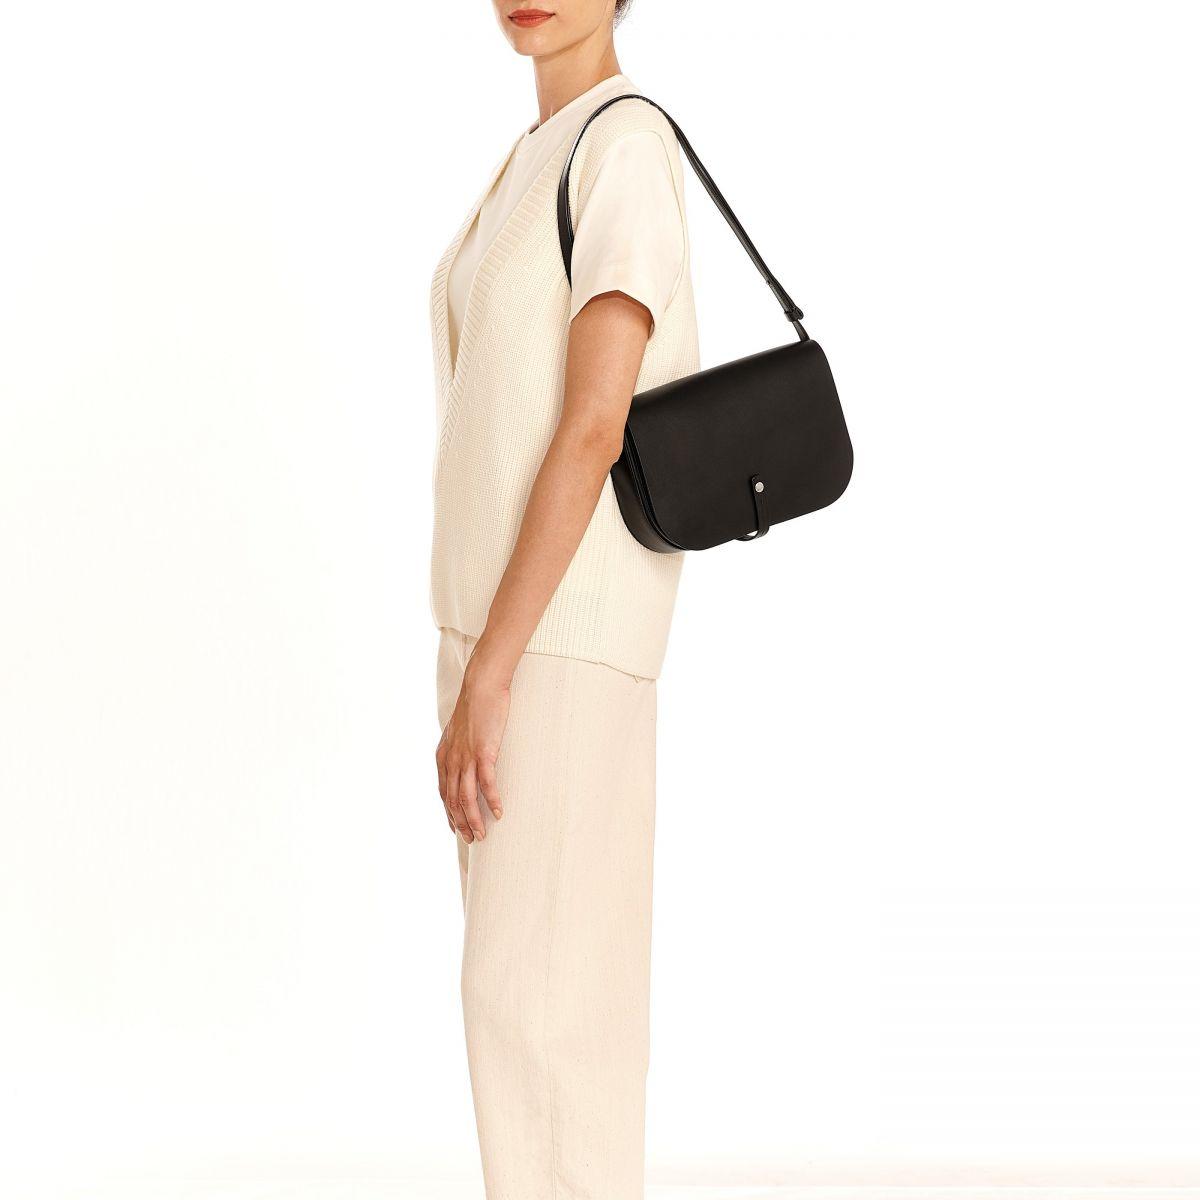 Piccarda Medium - Sac Bandouliere pour Femme en Cuir De Vachette couleur Noir - Ligne Tondina BCR248 | Details